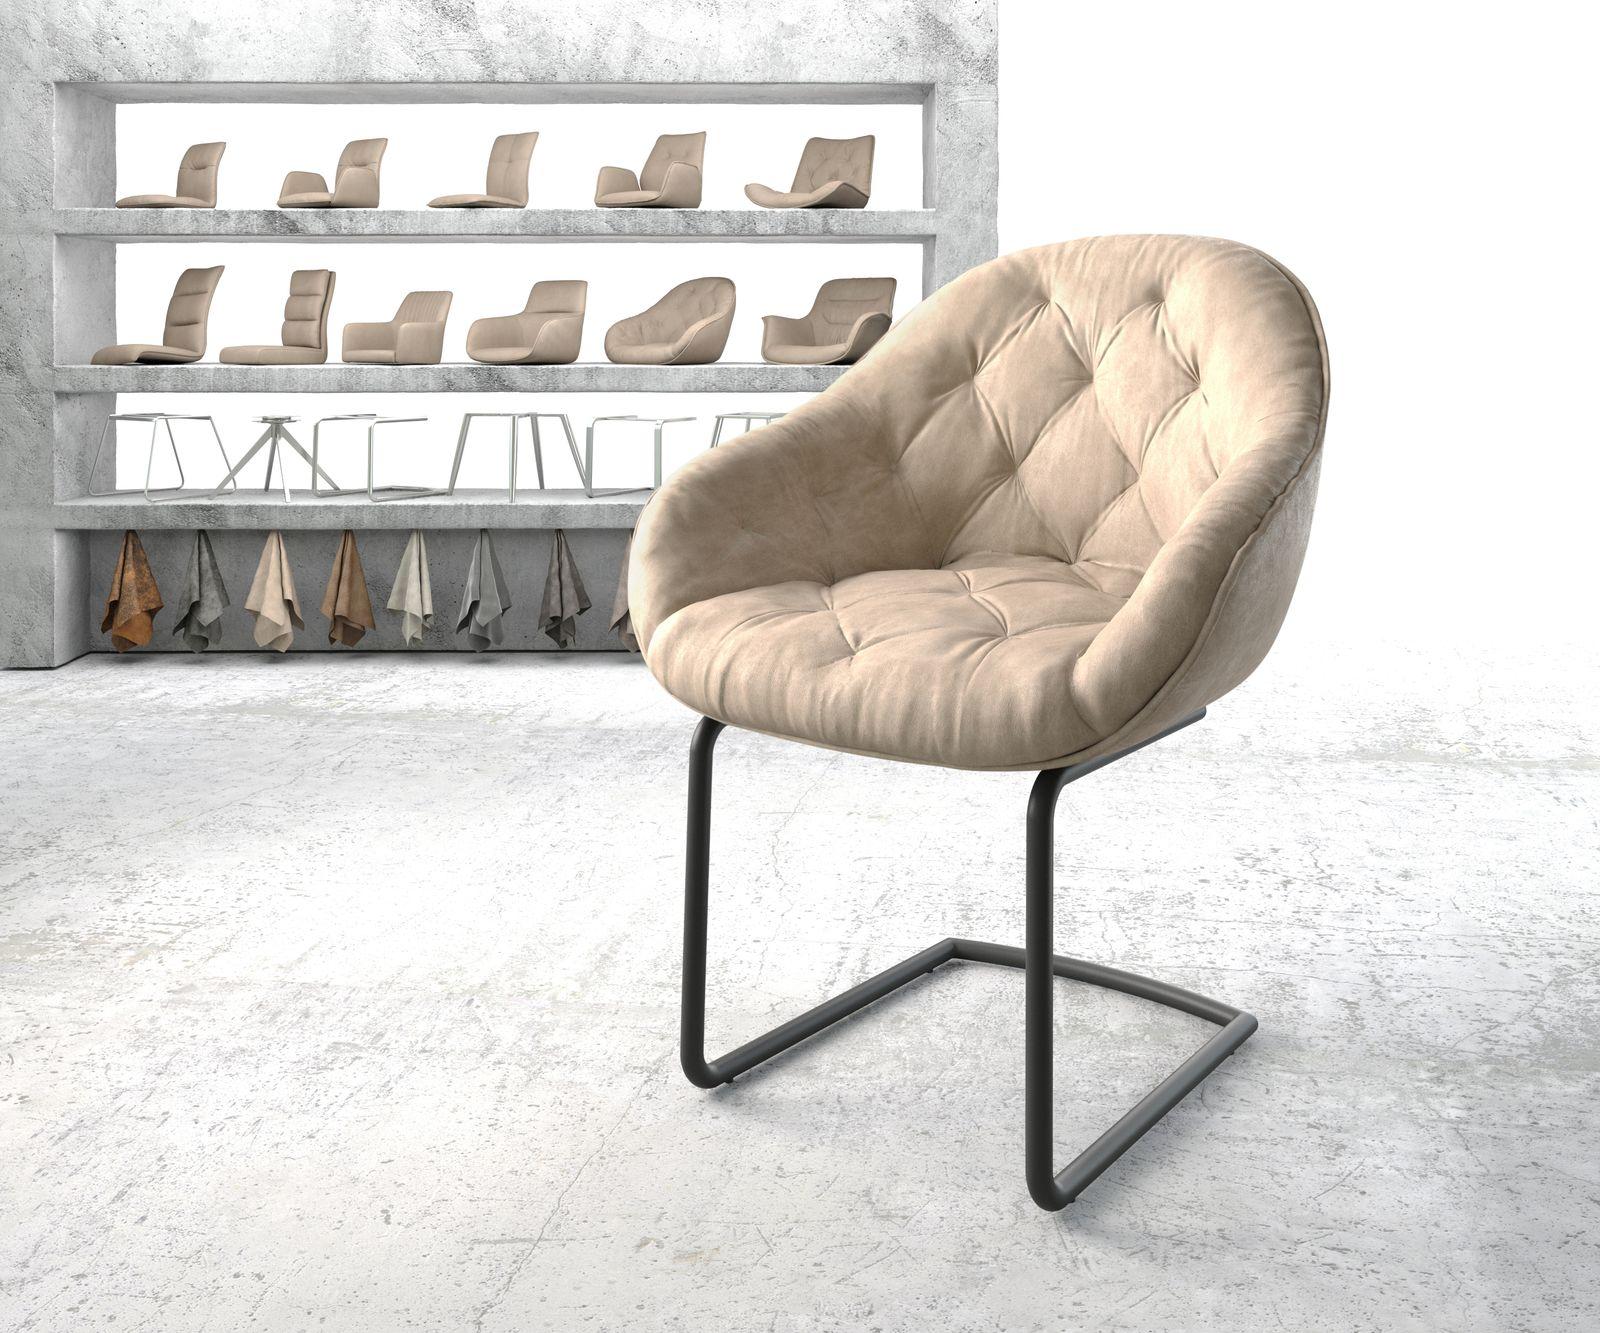 delife-armlehnstuhl-gaio-flex-beige-vintage-freischwinger-rund-schwarz-esszimmerstuhle